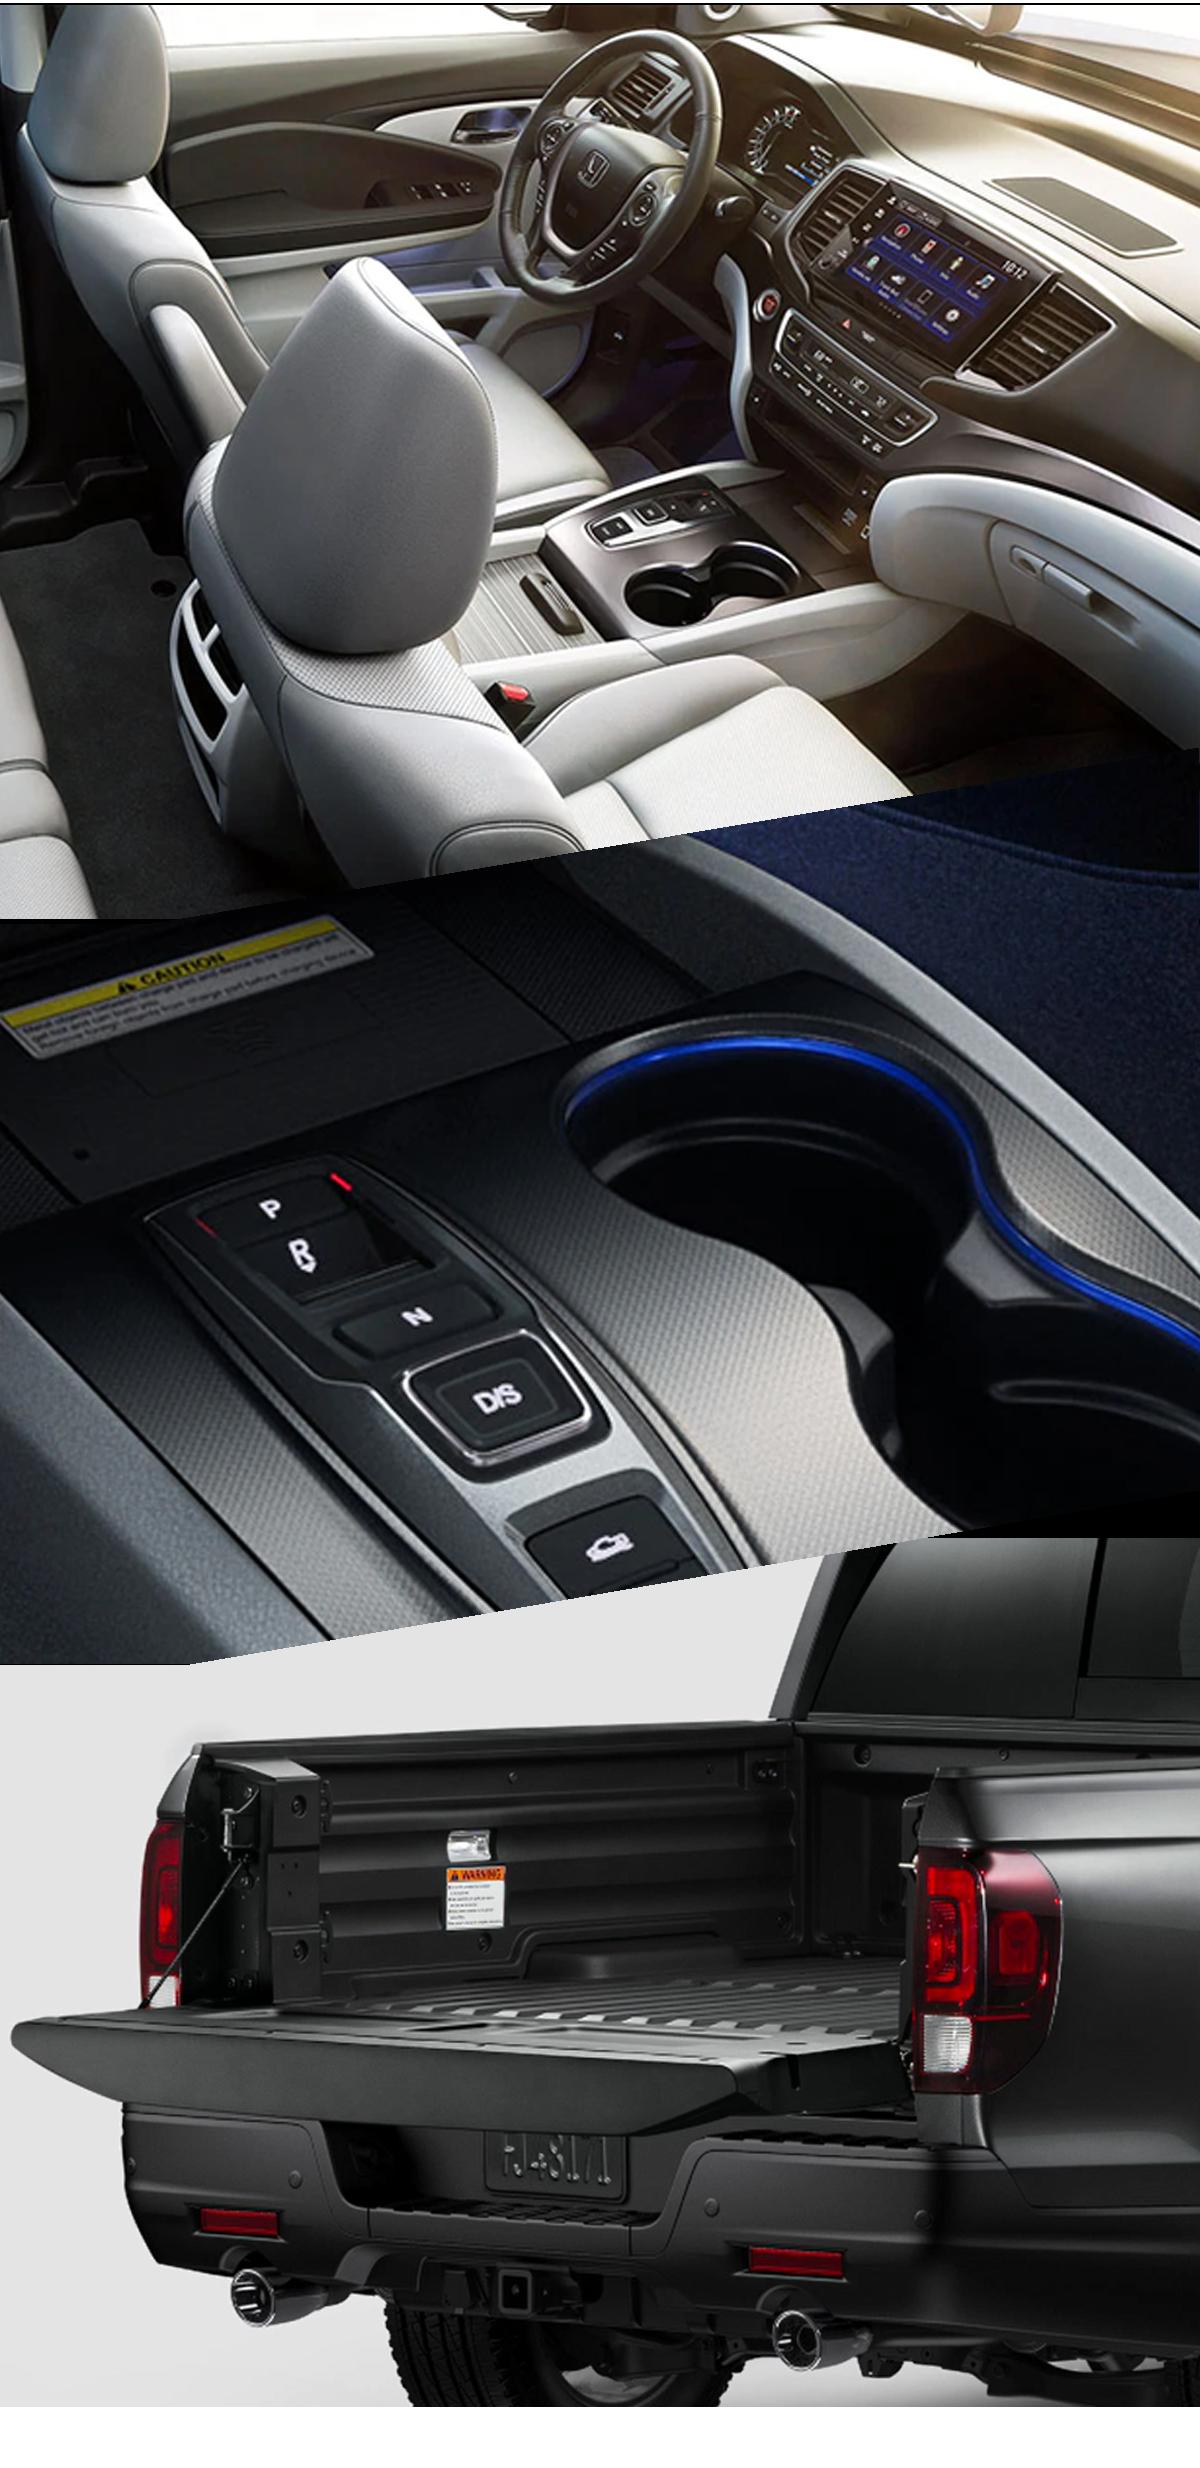 2021 Honda Ridgeline Interior Images